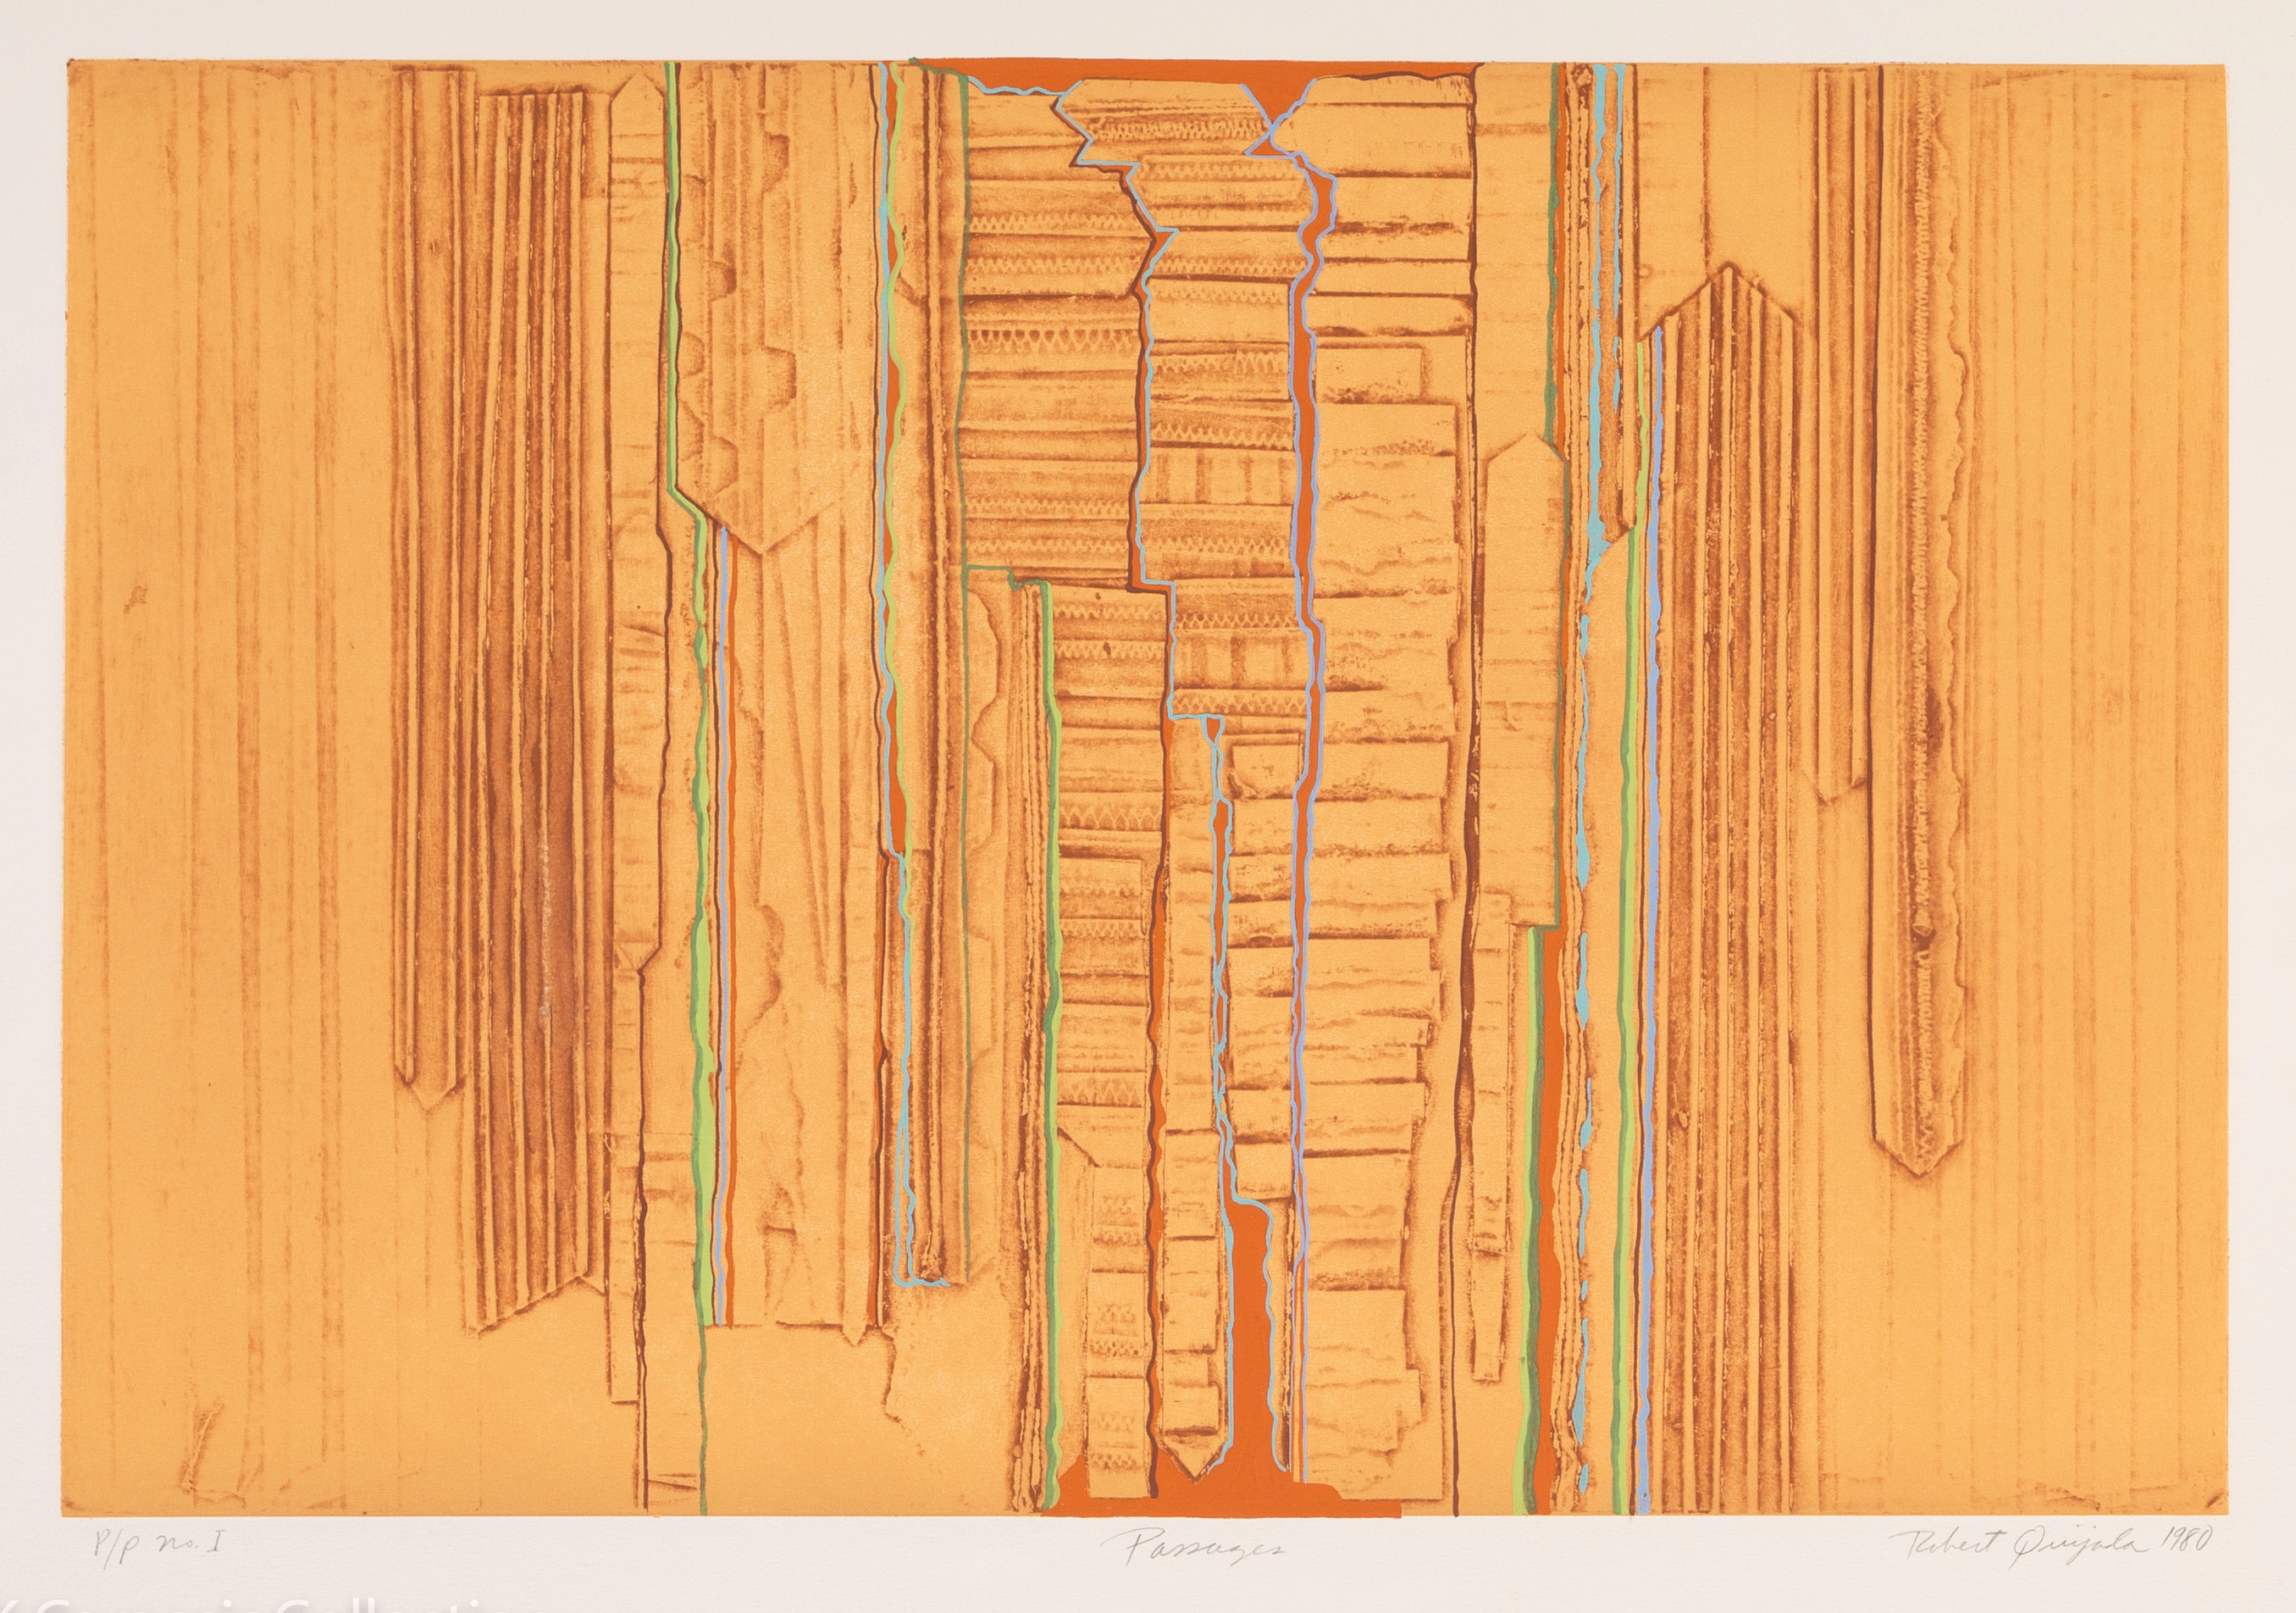 Passages, 1980